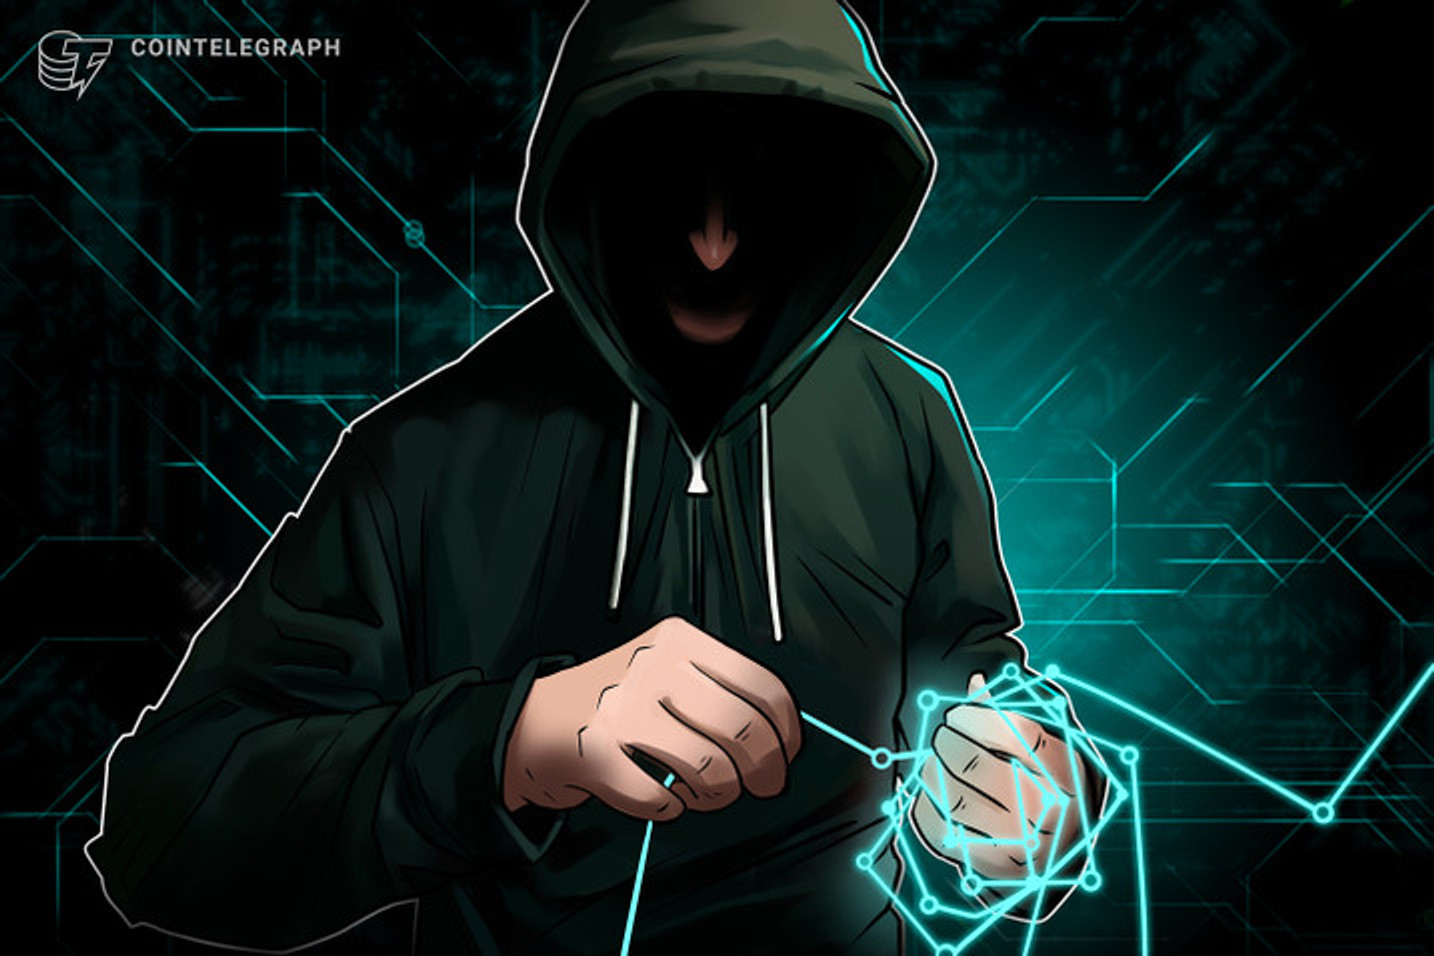 Criptomonedas y NFTs: Según Kasperksy, vulnerabilidades en activos digitales conllevan a pérdidas reales para usuarios y empresas